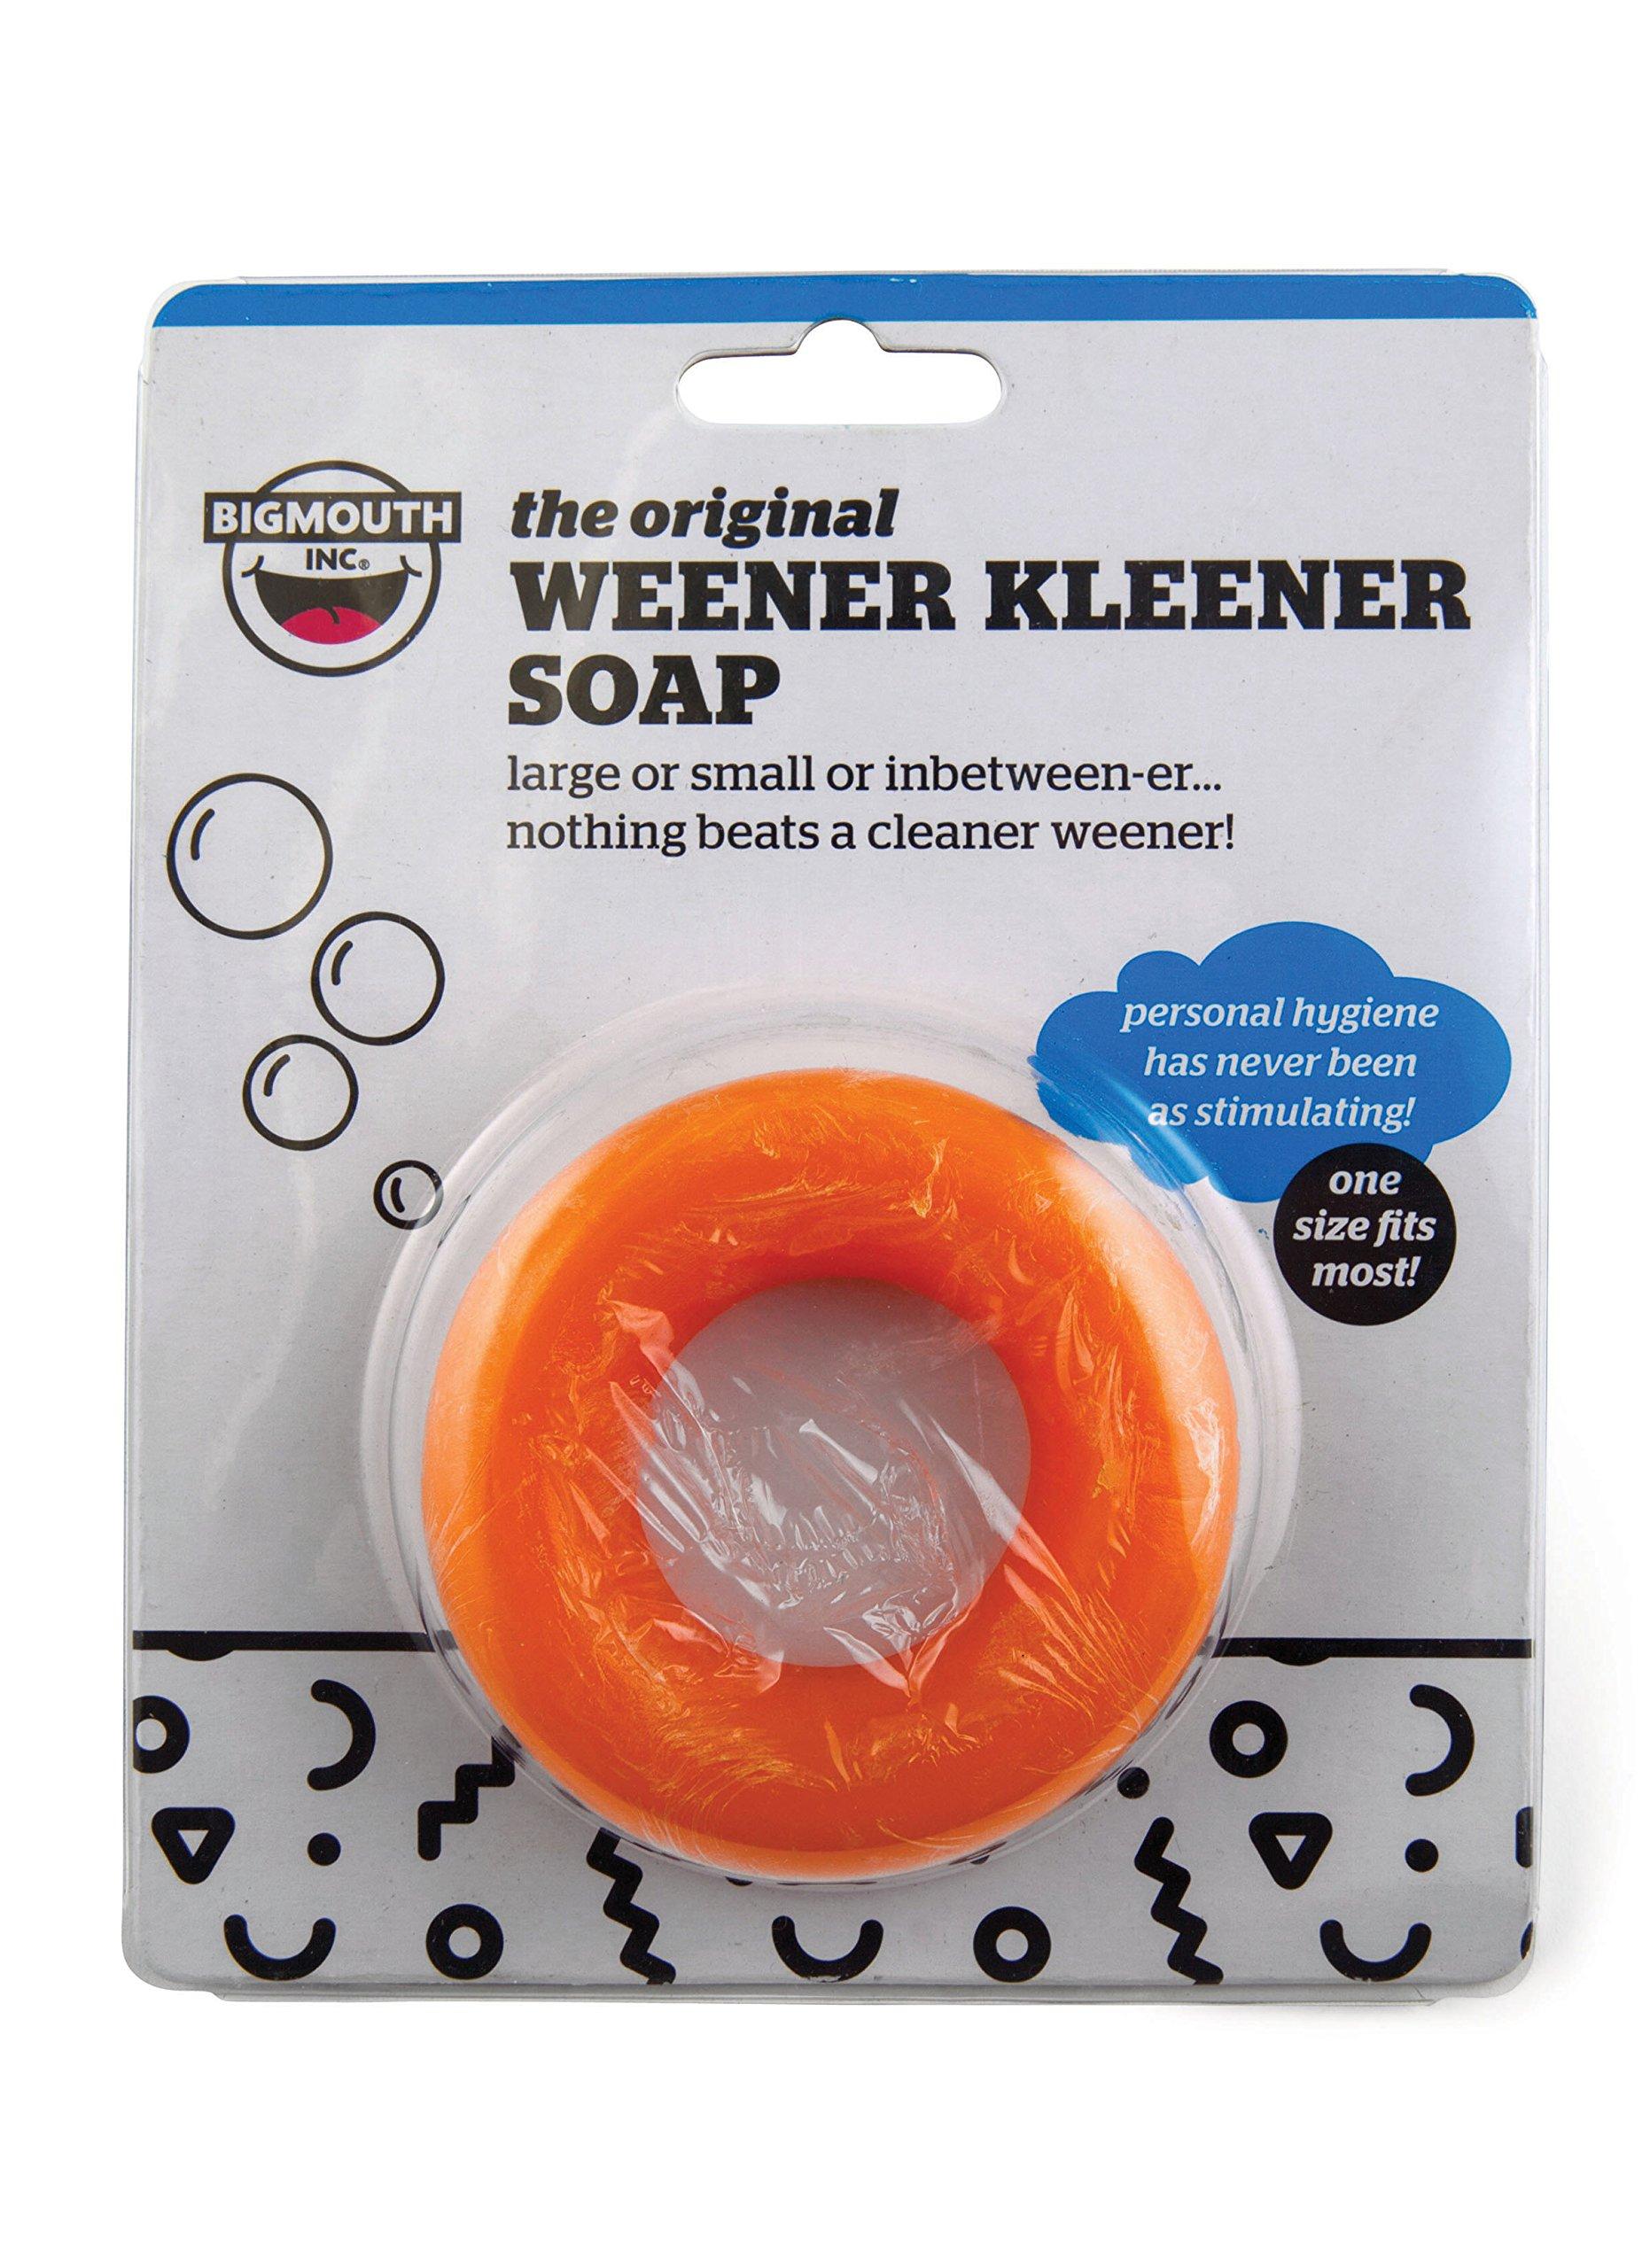 BigMouth Inc Generic Weener Kleener Soap, Circular Soap Product, Funny Gag Gift